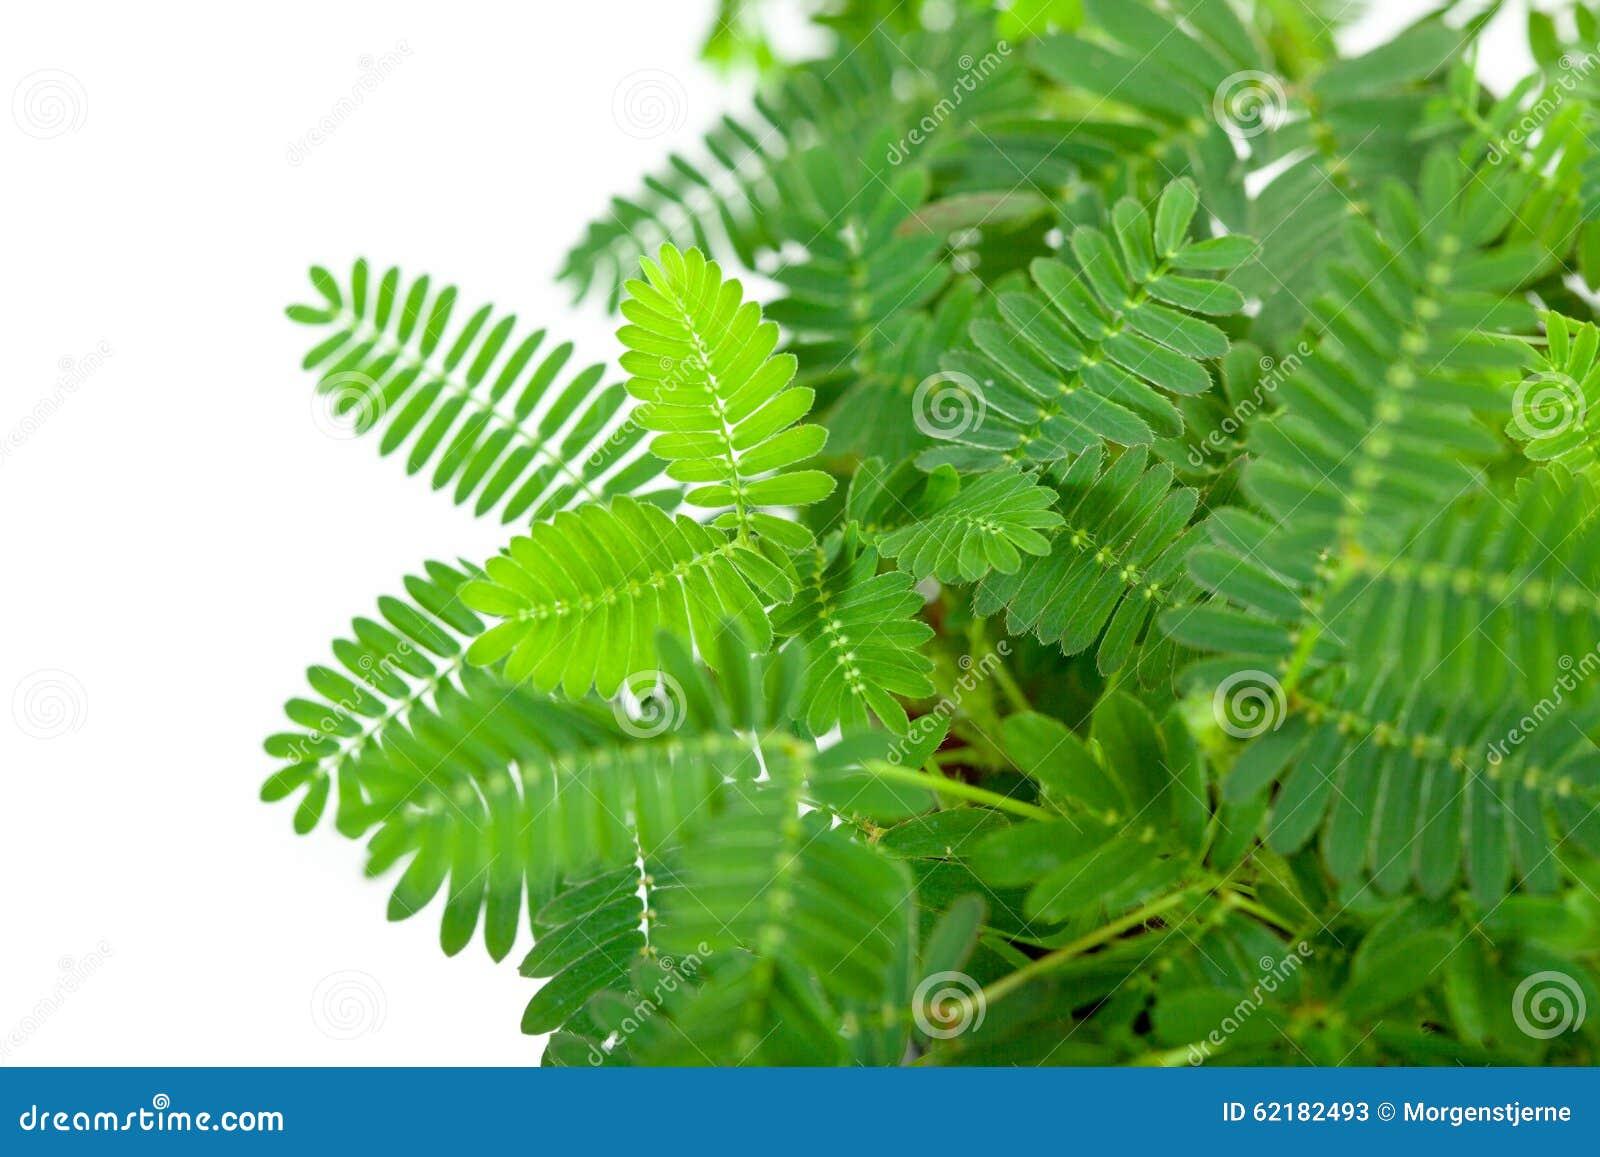 含羞草pudica绿色嫩叶子在白色背景的.图片